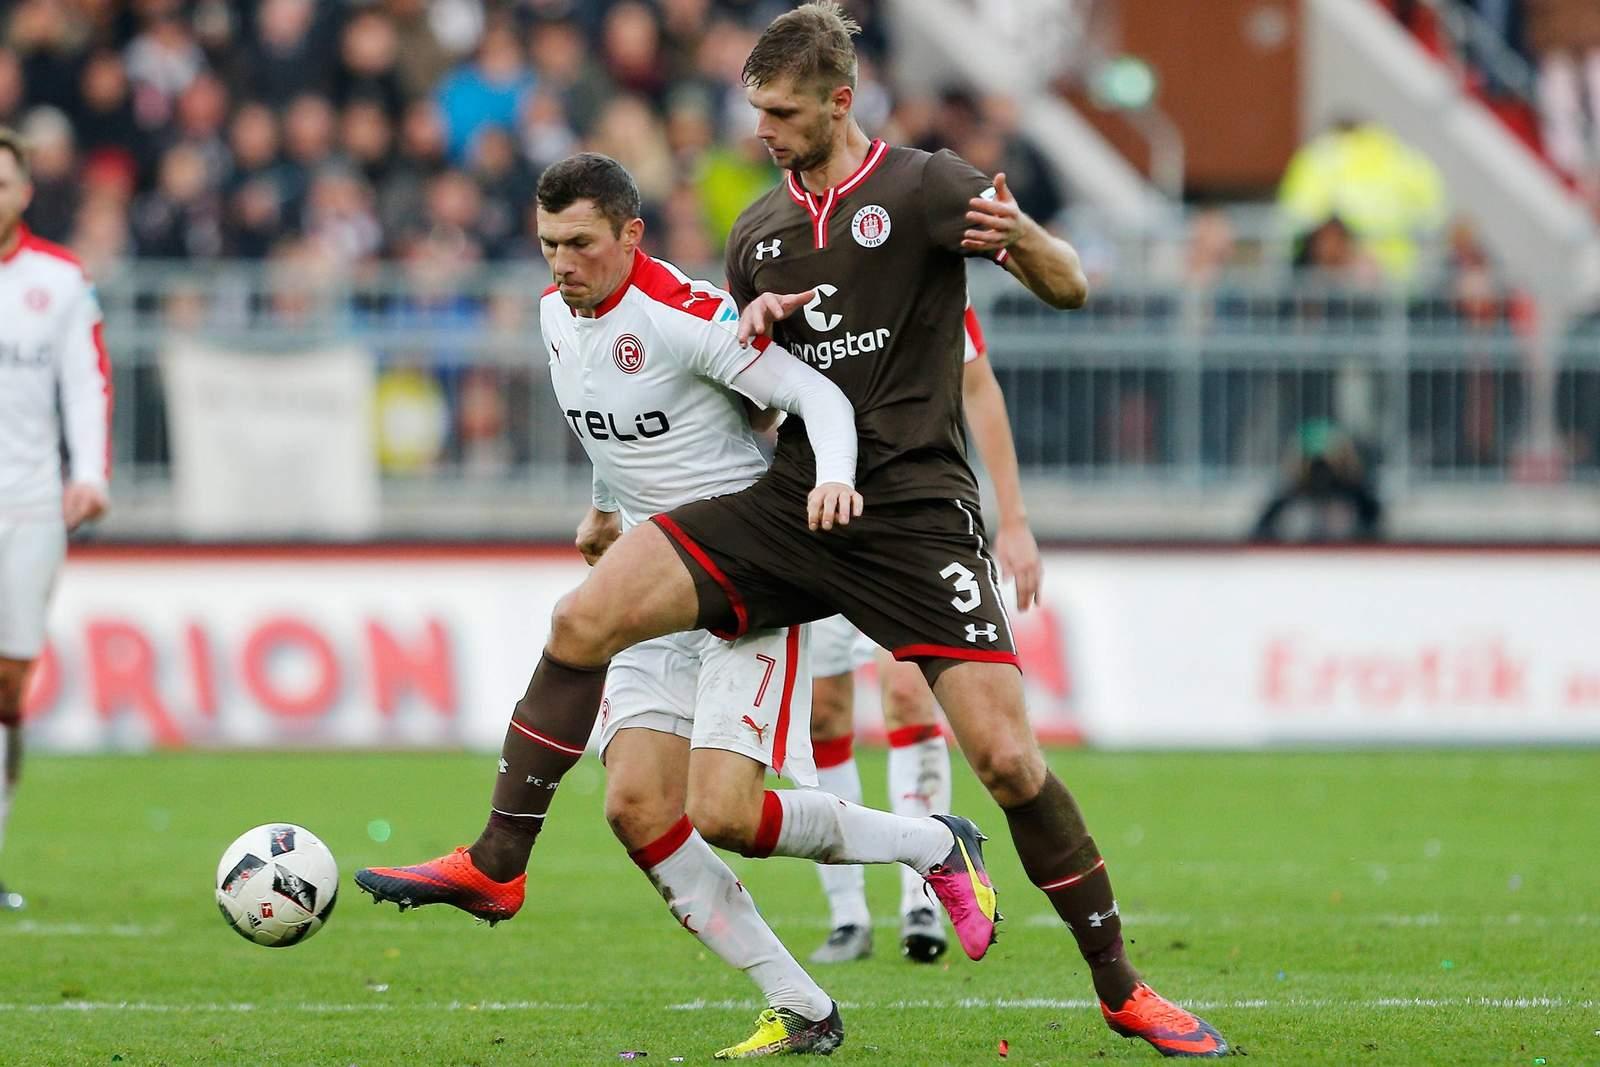 Setzt sich Fink gegen Sobiech durch? Jetzt auf Fortuna Düsseldorf gegen St. Pauli wetten